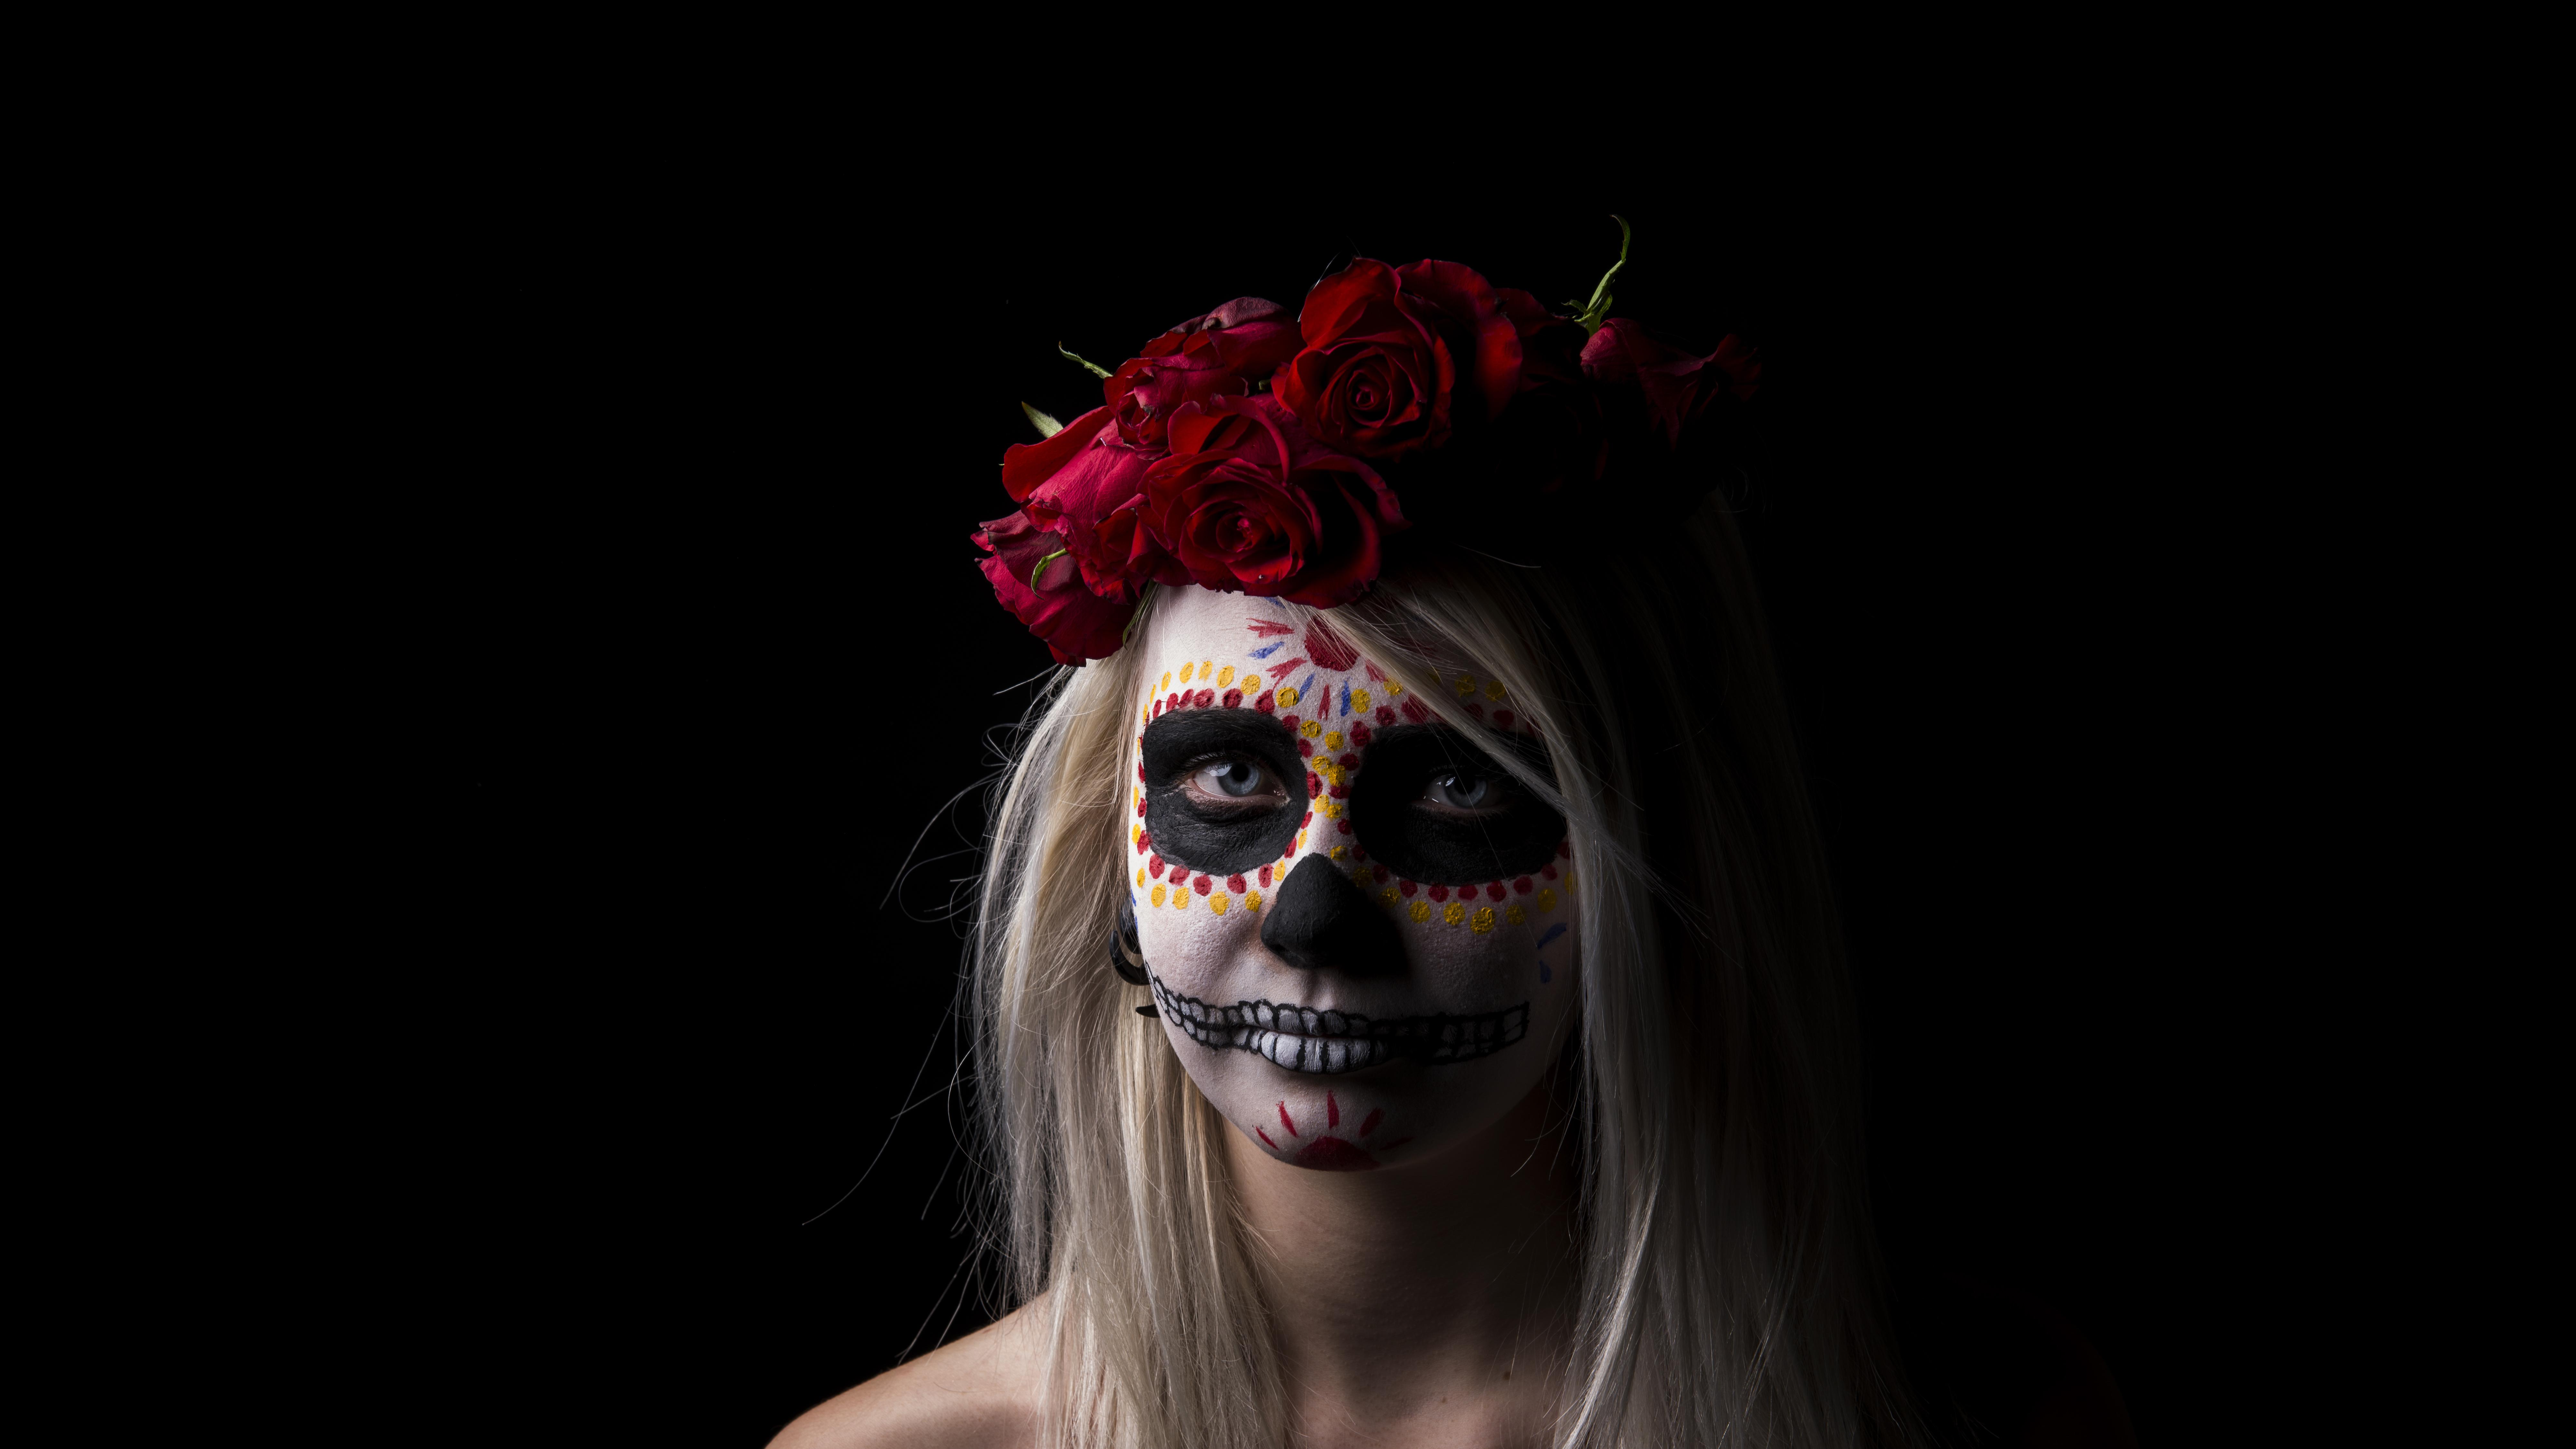 Sugar skull 8k ultra hd wallpaper background image 8000x4500 id 515050 wallpaper abyss - Sugar skull background ...